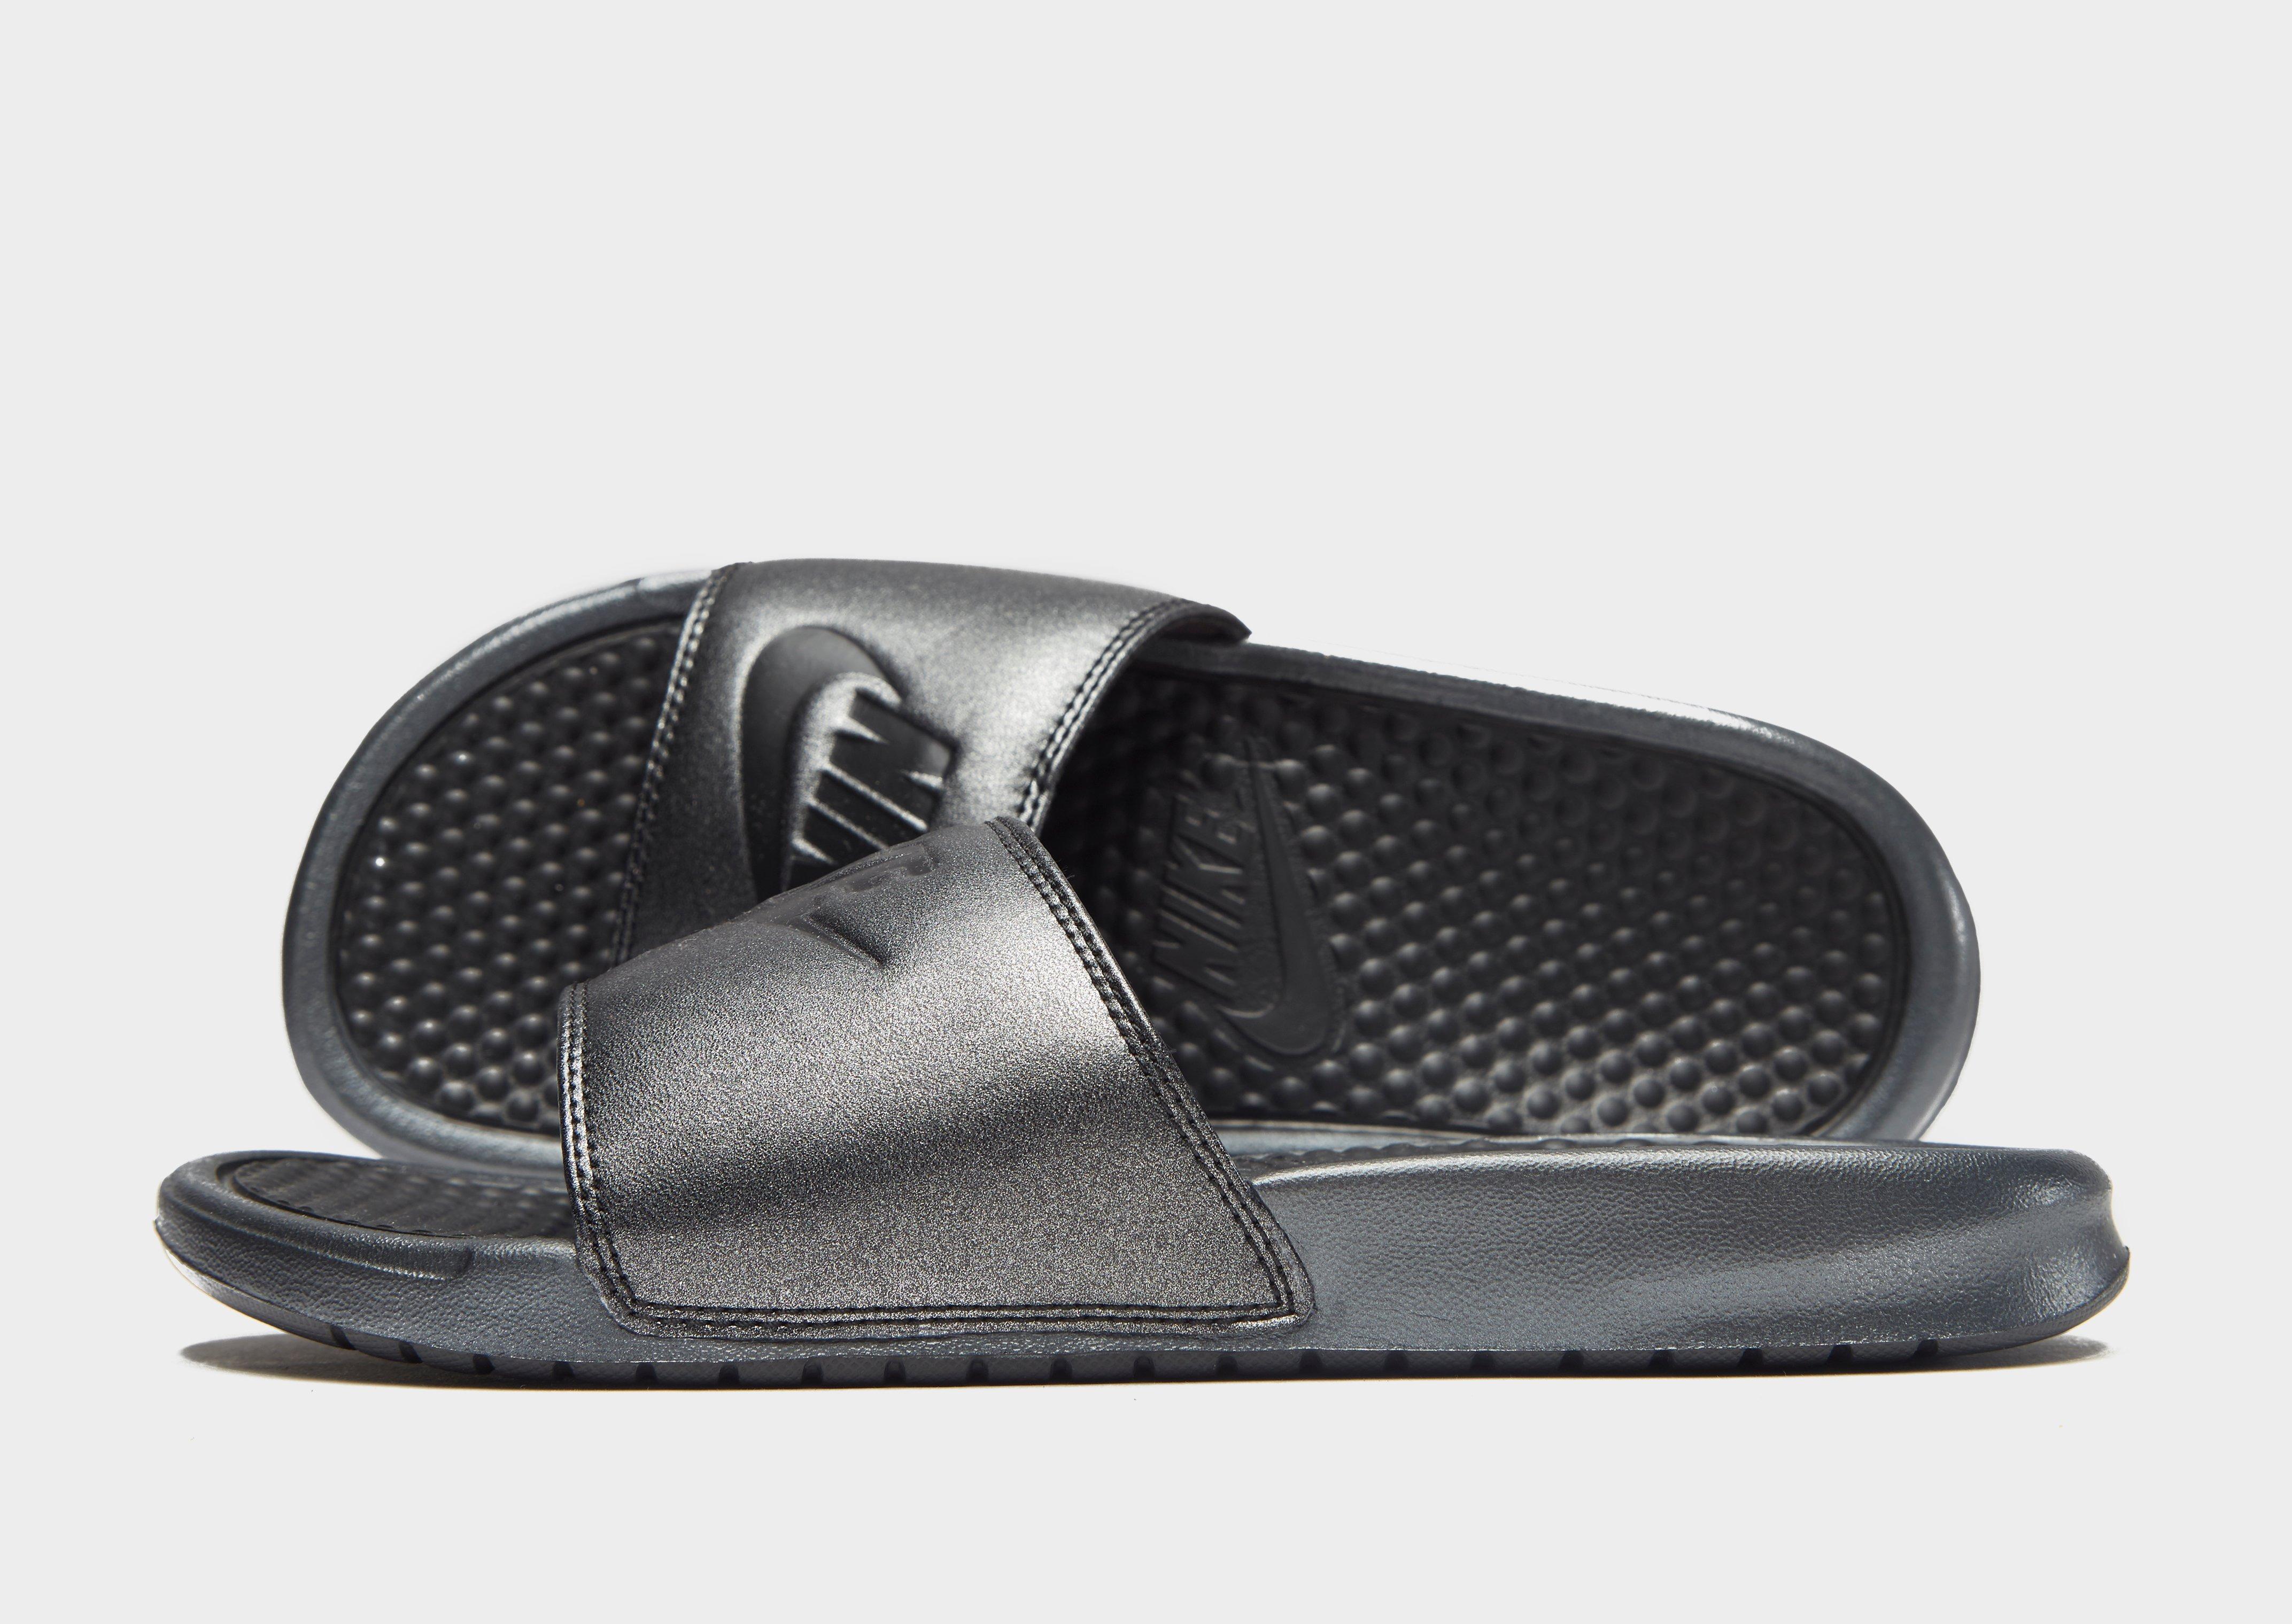 nike fodboldstøvler størrelsesguide, Nike Sportswear BENASSI